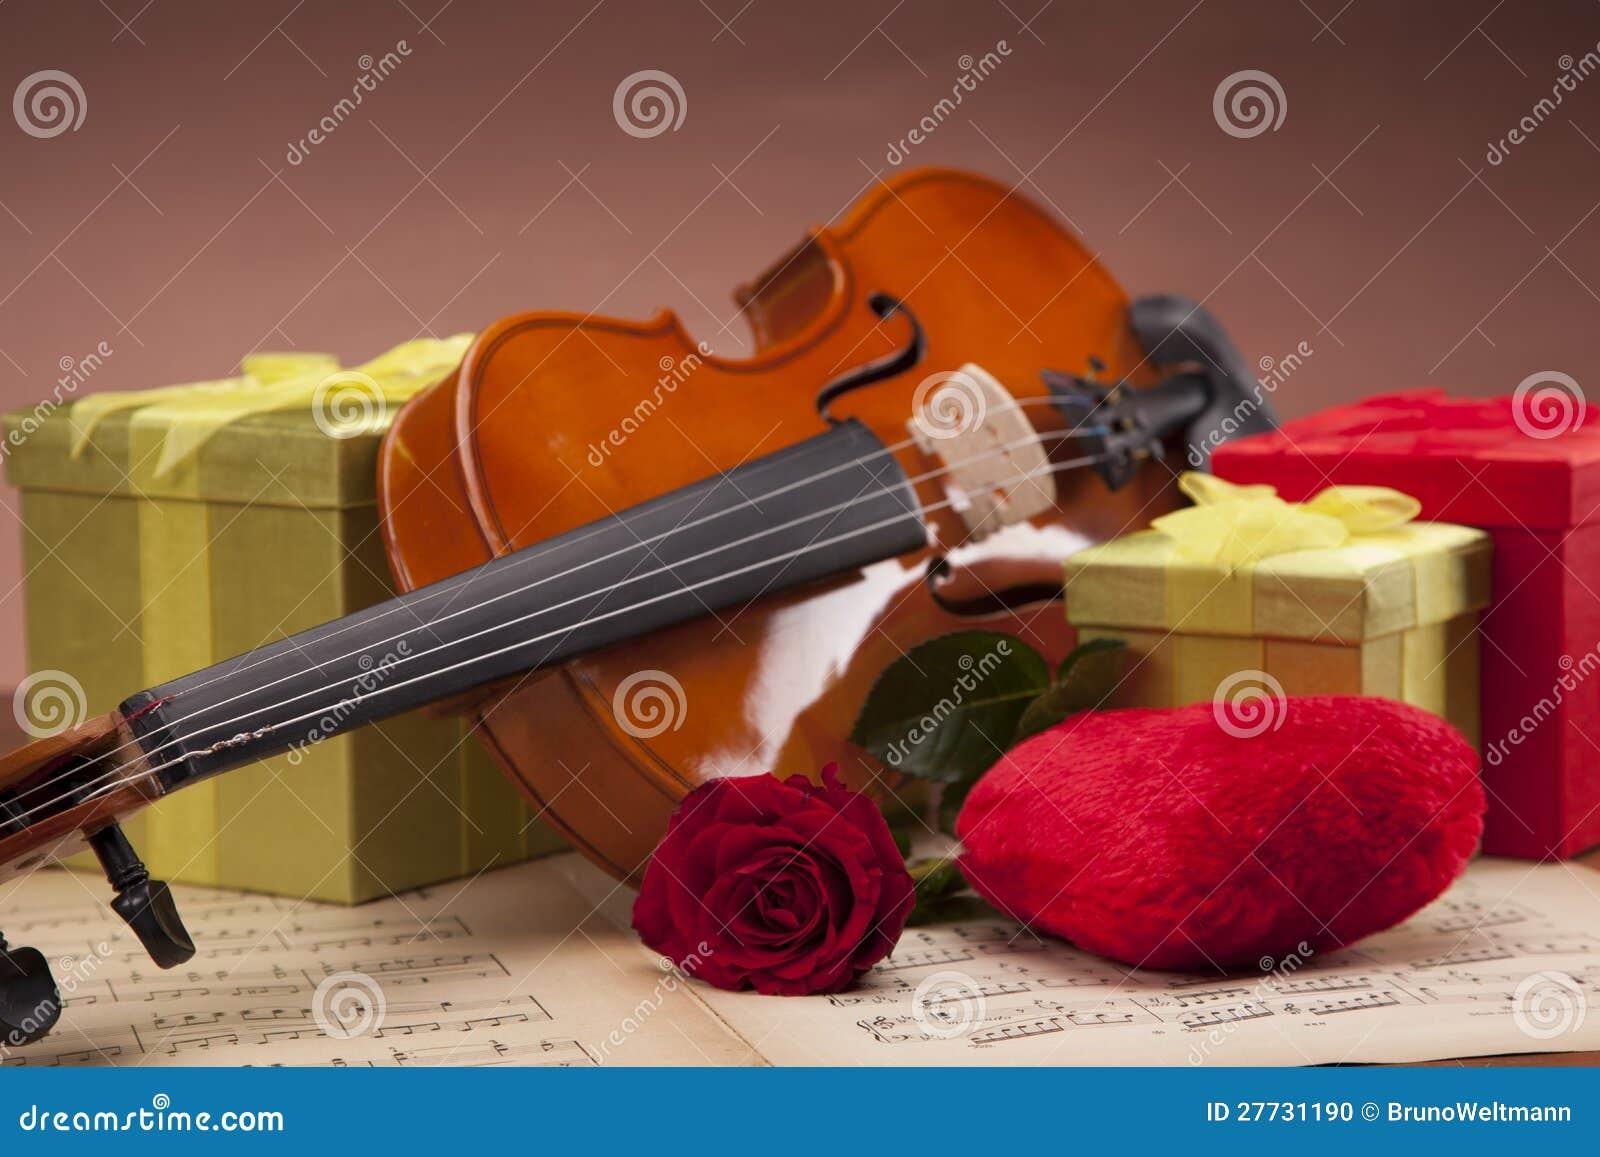 Schöne Violine und Geschenke auf Anmerkungen!